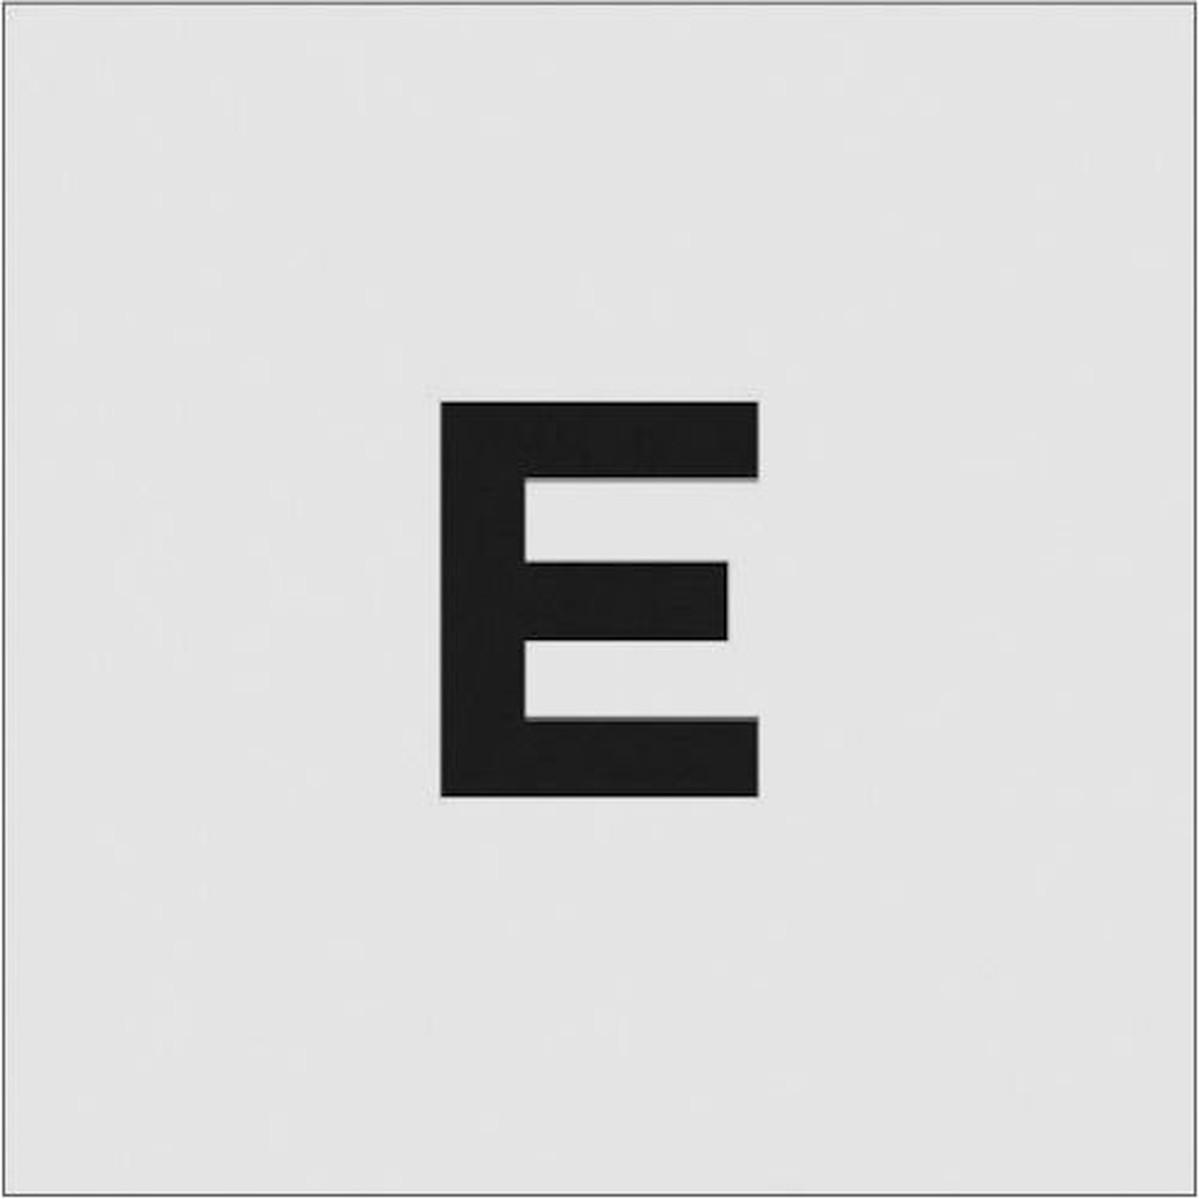 あす楽対応 DIY用品 日本全国 送料無料 IM ステンシル 本物 1枚 文字サイズ50×40mm E